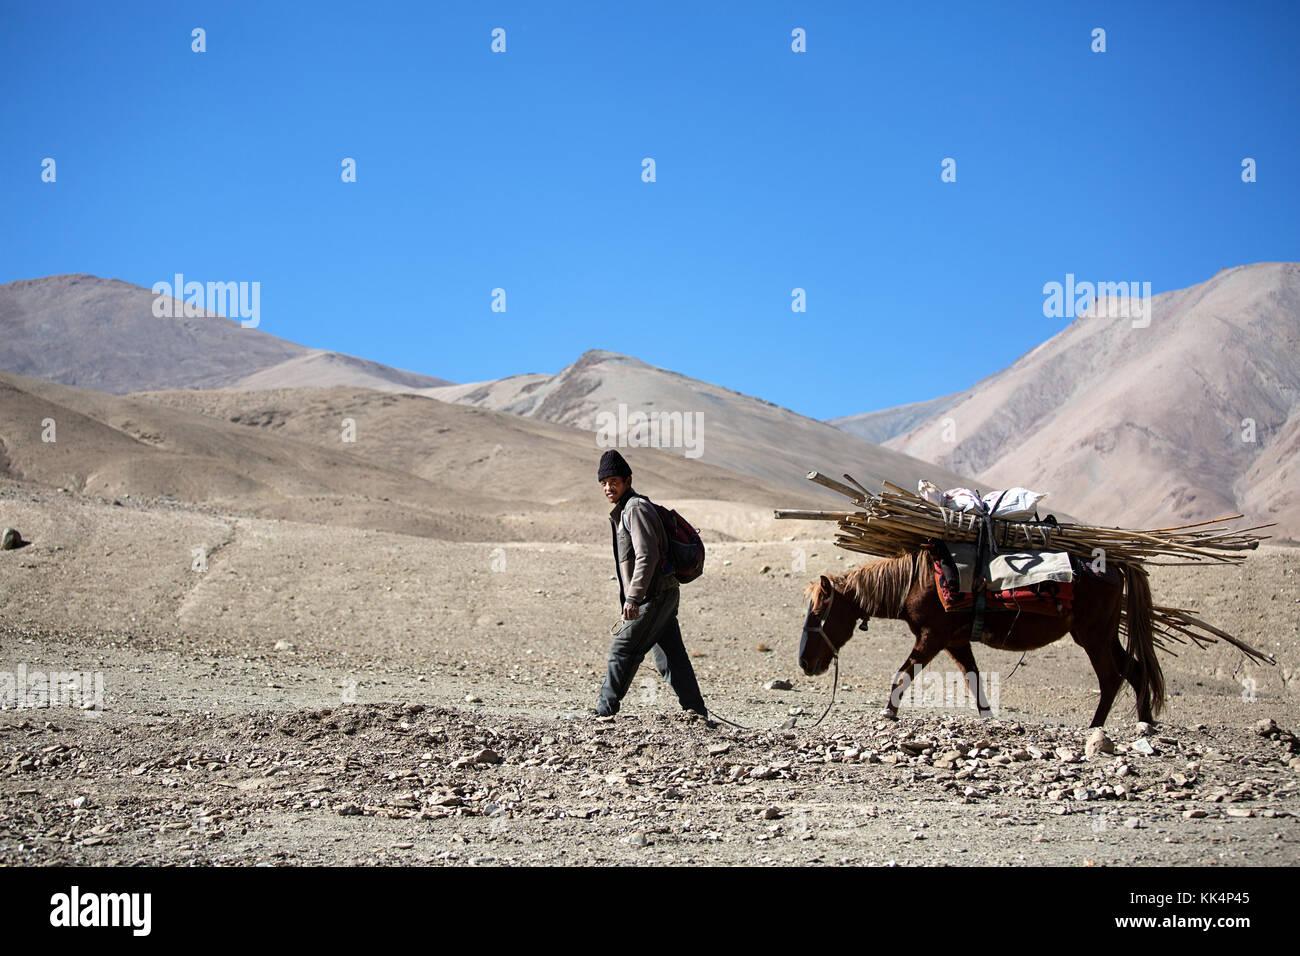 Uomo locale con un mulo - il modo tradizionale di trasporto, Ladakh, Jammu e Kashmir in India. Immagini Stock